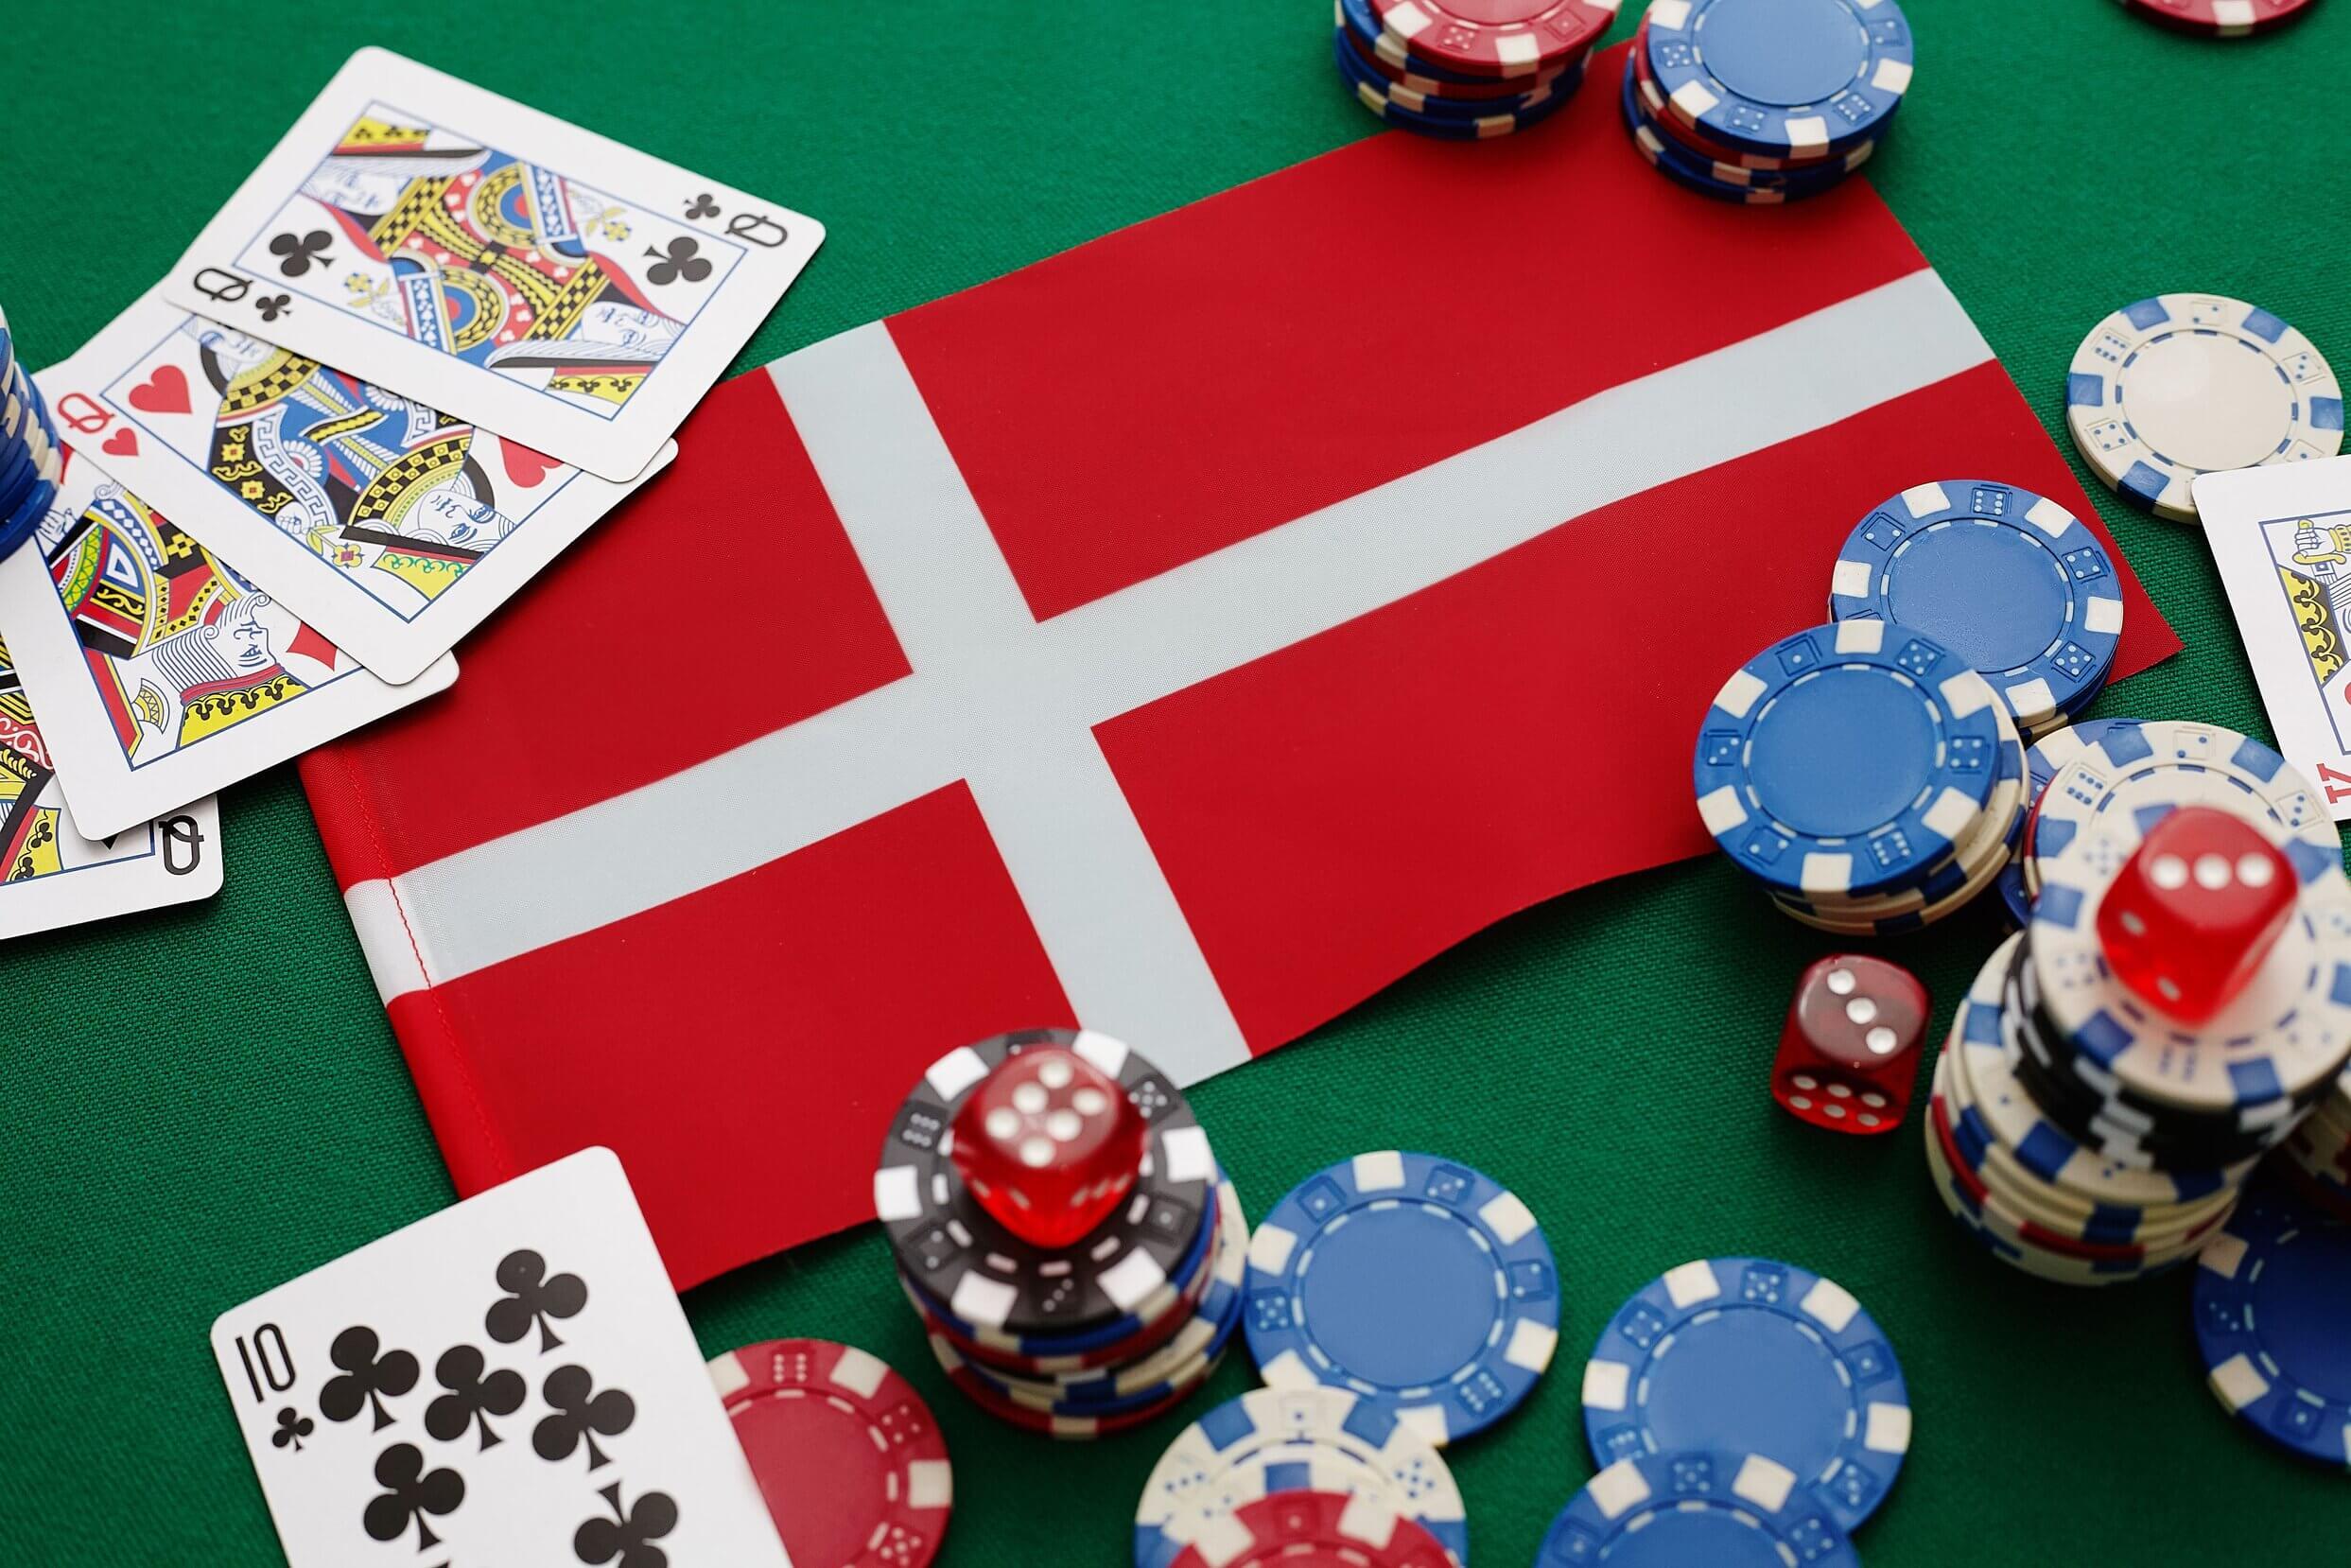 Gambling Casino Kortspil Poker Spil Indendørs spil og sport